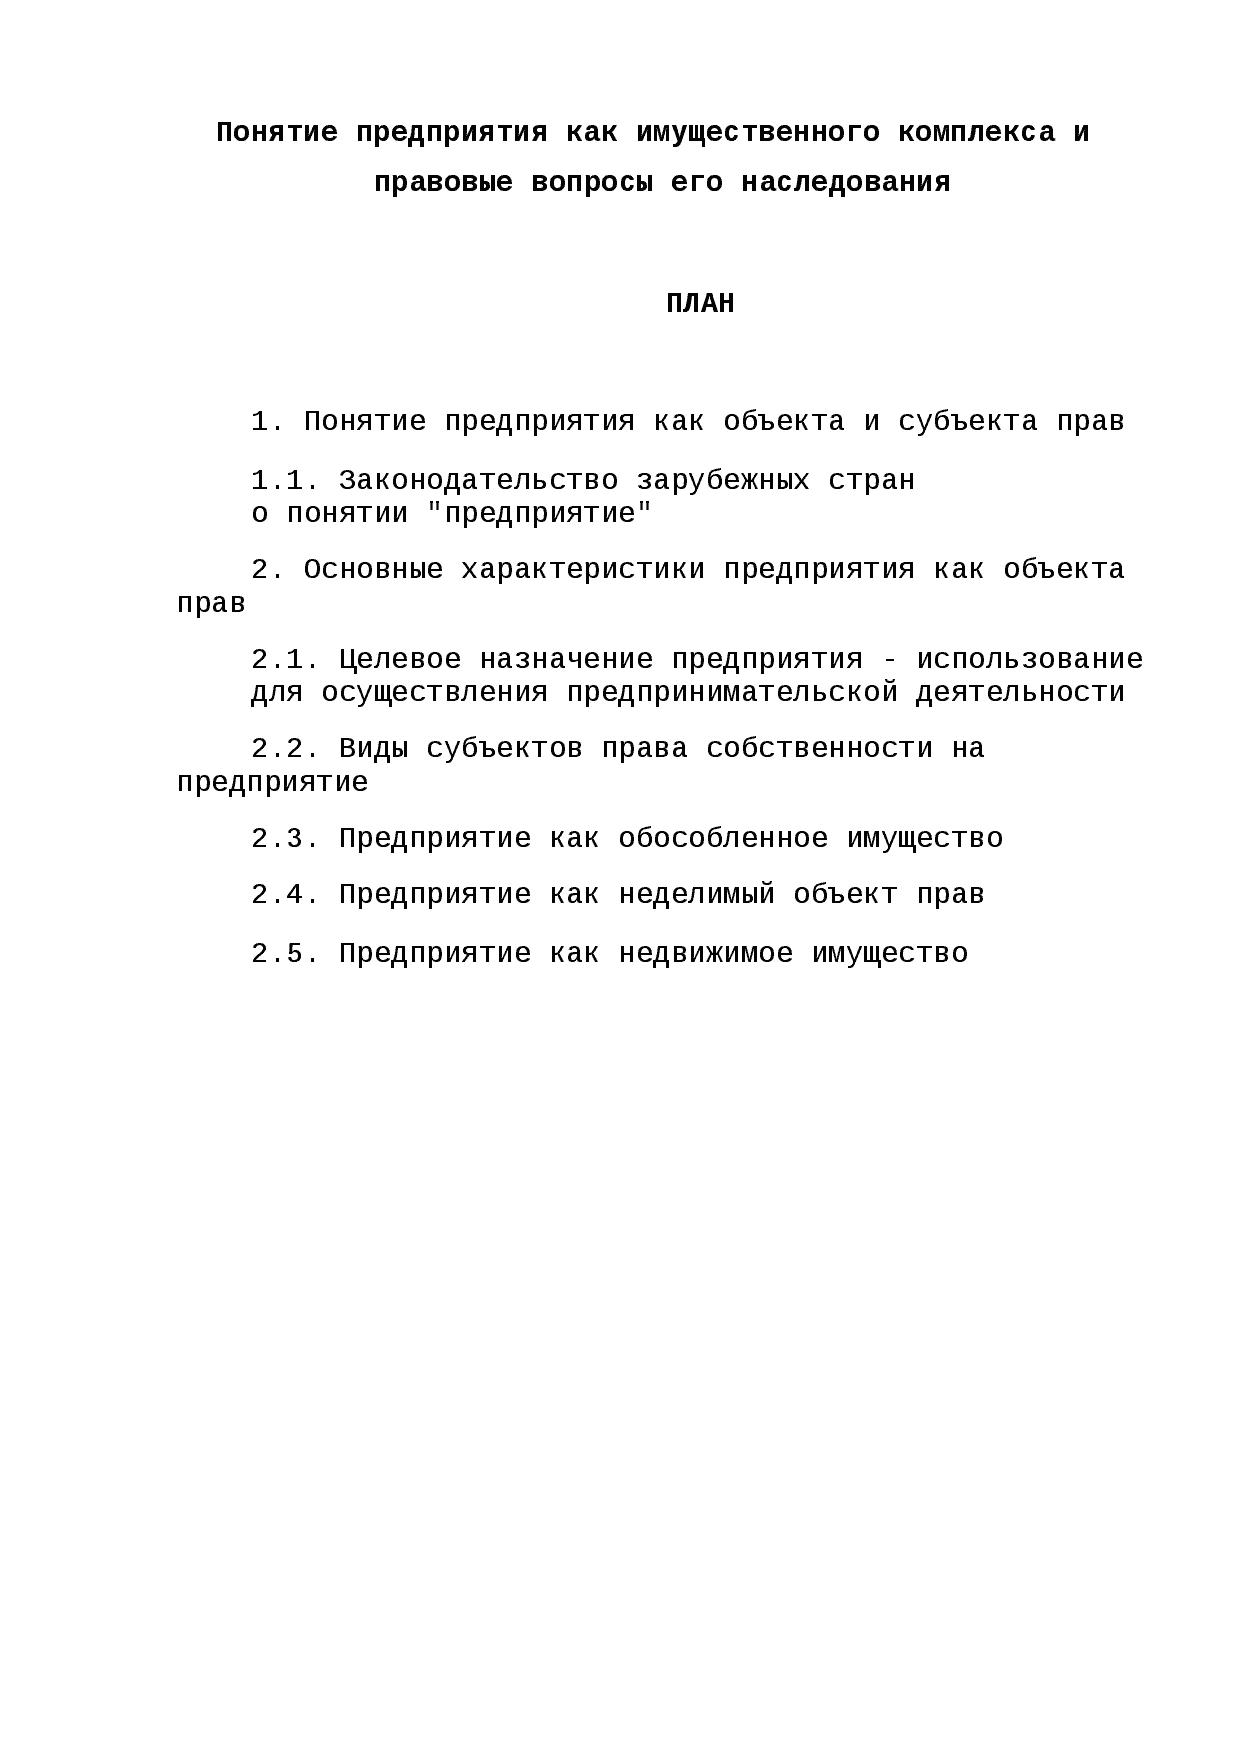 Какие виды наследования предусмотрены законодательством рф?